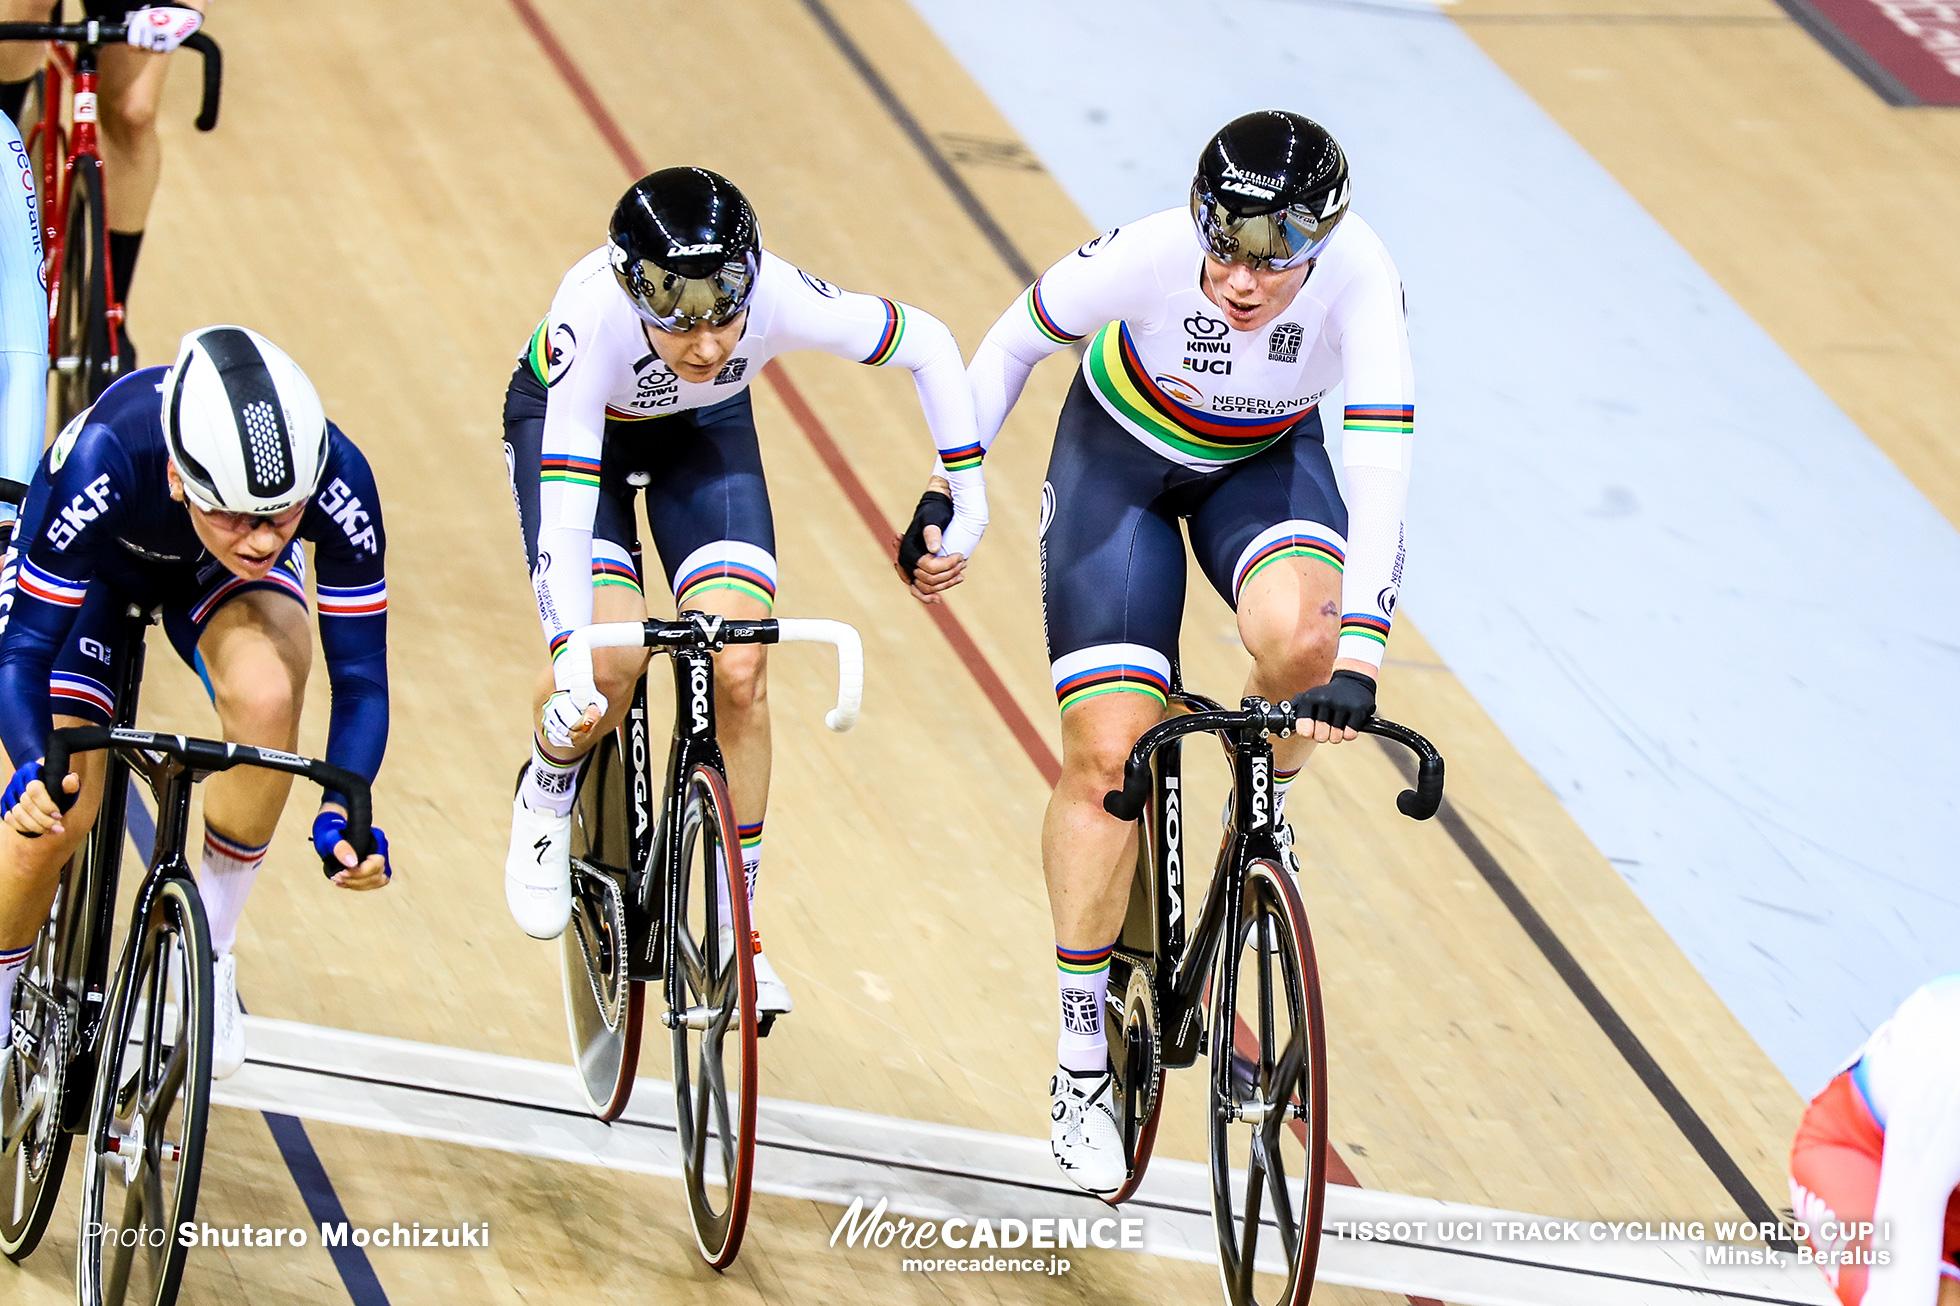 キルステン・ウィルト WILD Kirsten アミー・ピータース PIETERS Amy Women's Madison / TISSOT UCI TRACK CYCLING WORLD CUP I, Minsk, Beralus